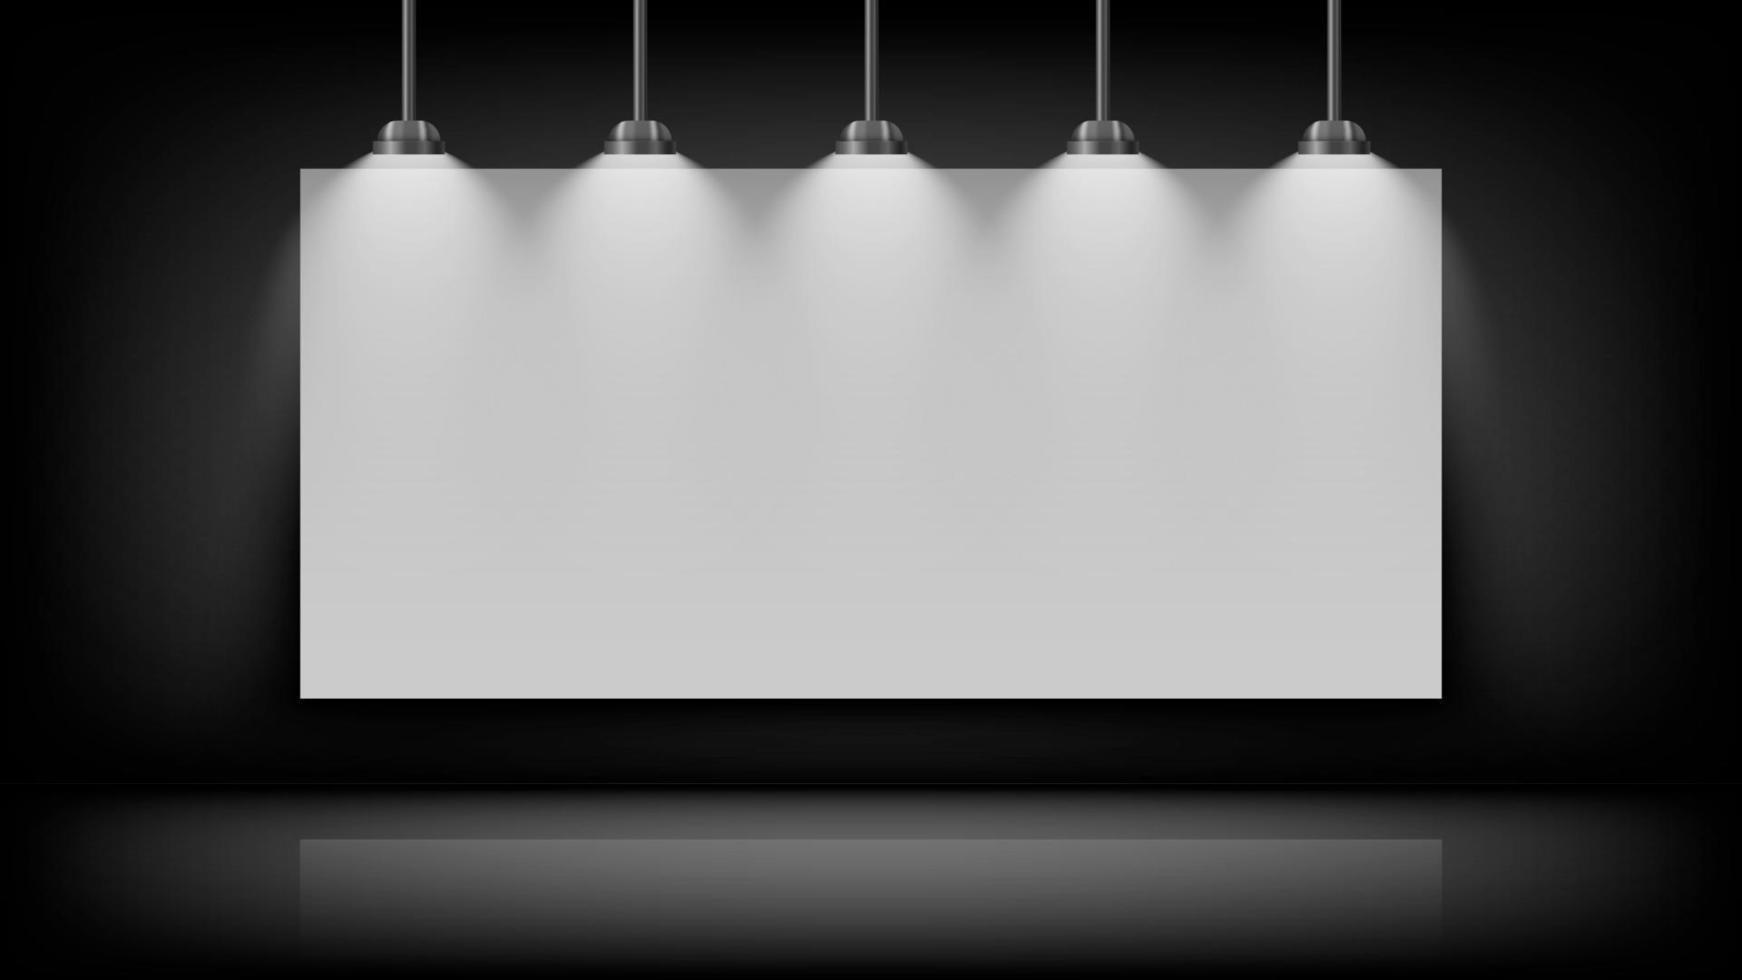 tom vit tavla mockup på svart vägg med glödlampa på toppen, vektorillustration vektor